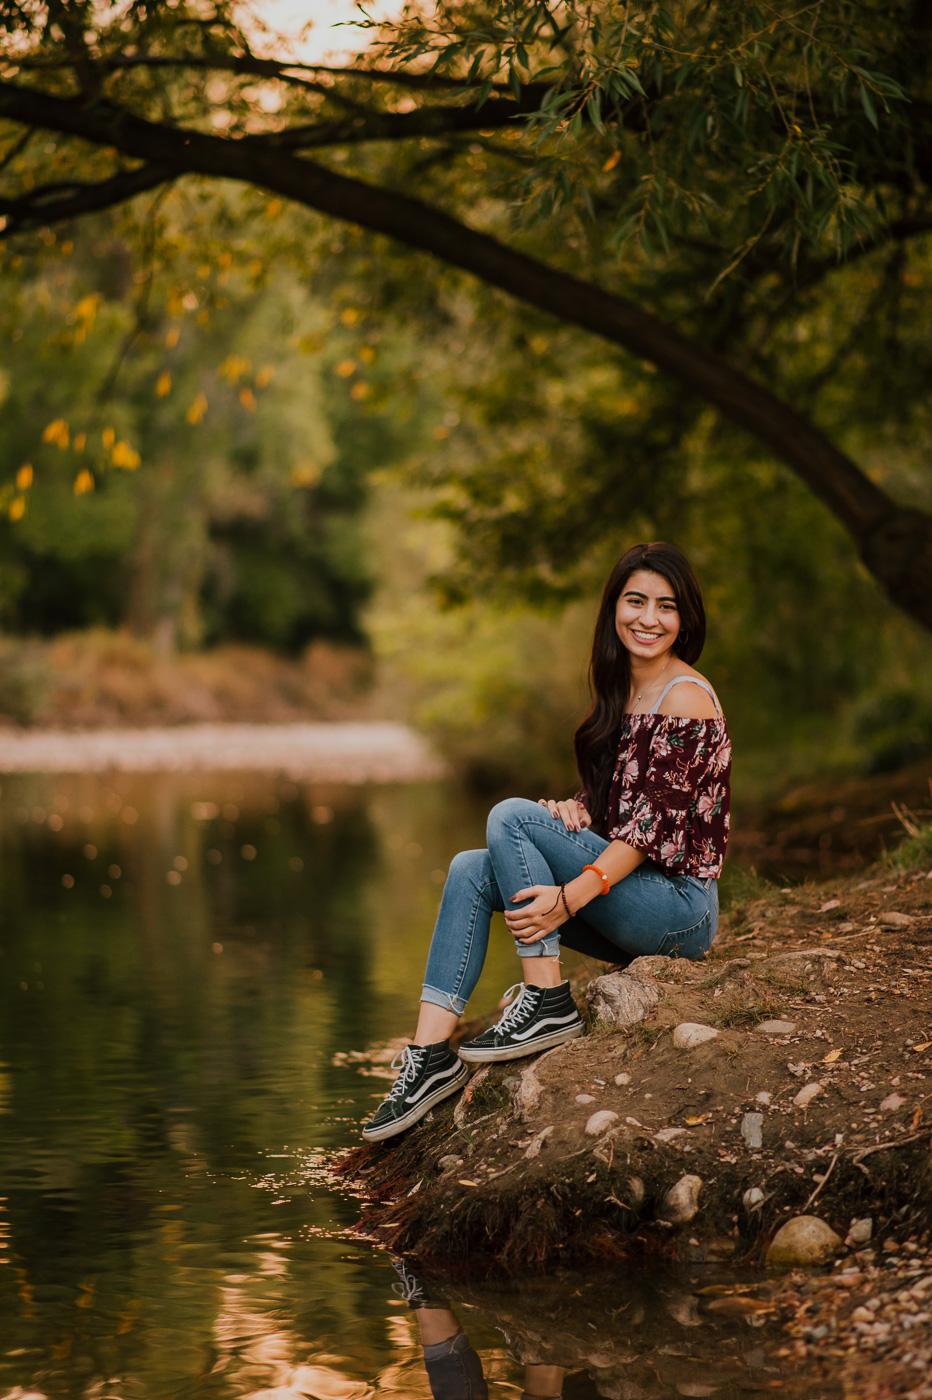 PHOCO Photography Fort Collins Colorado Elizabeth Senior 2019-6.jpg